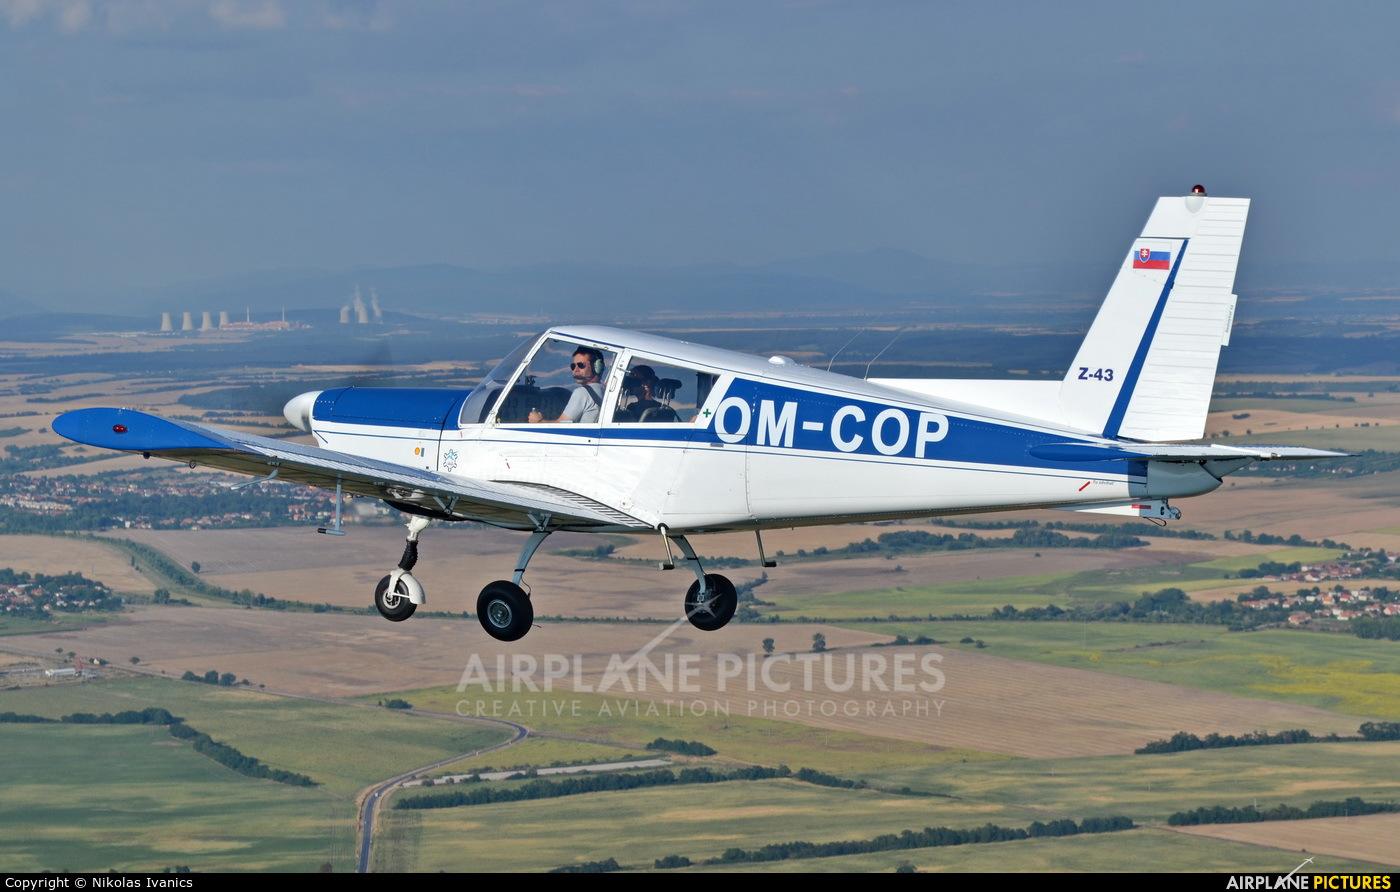 Aeroklub Nové Zámky OM-COP aircraft at Nové Zámky